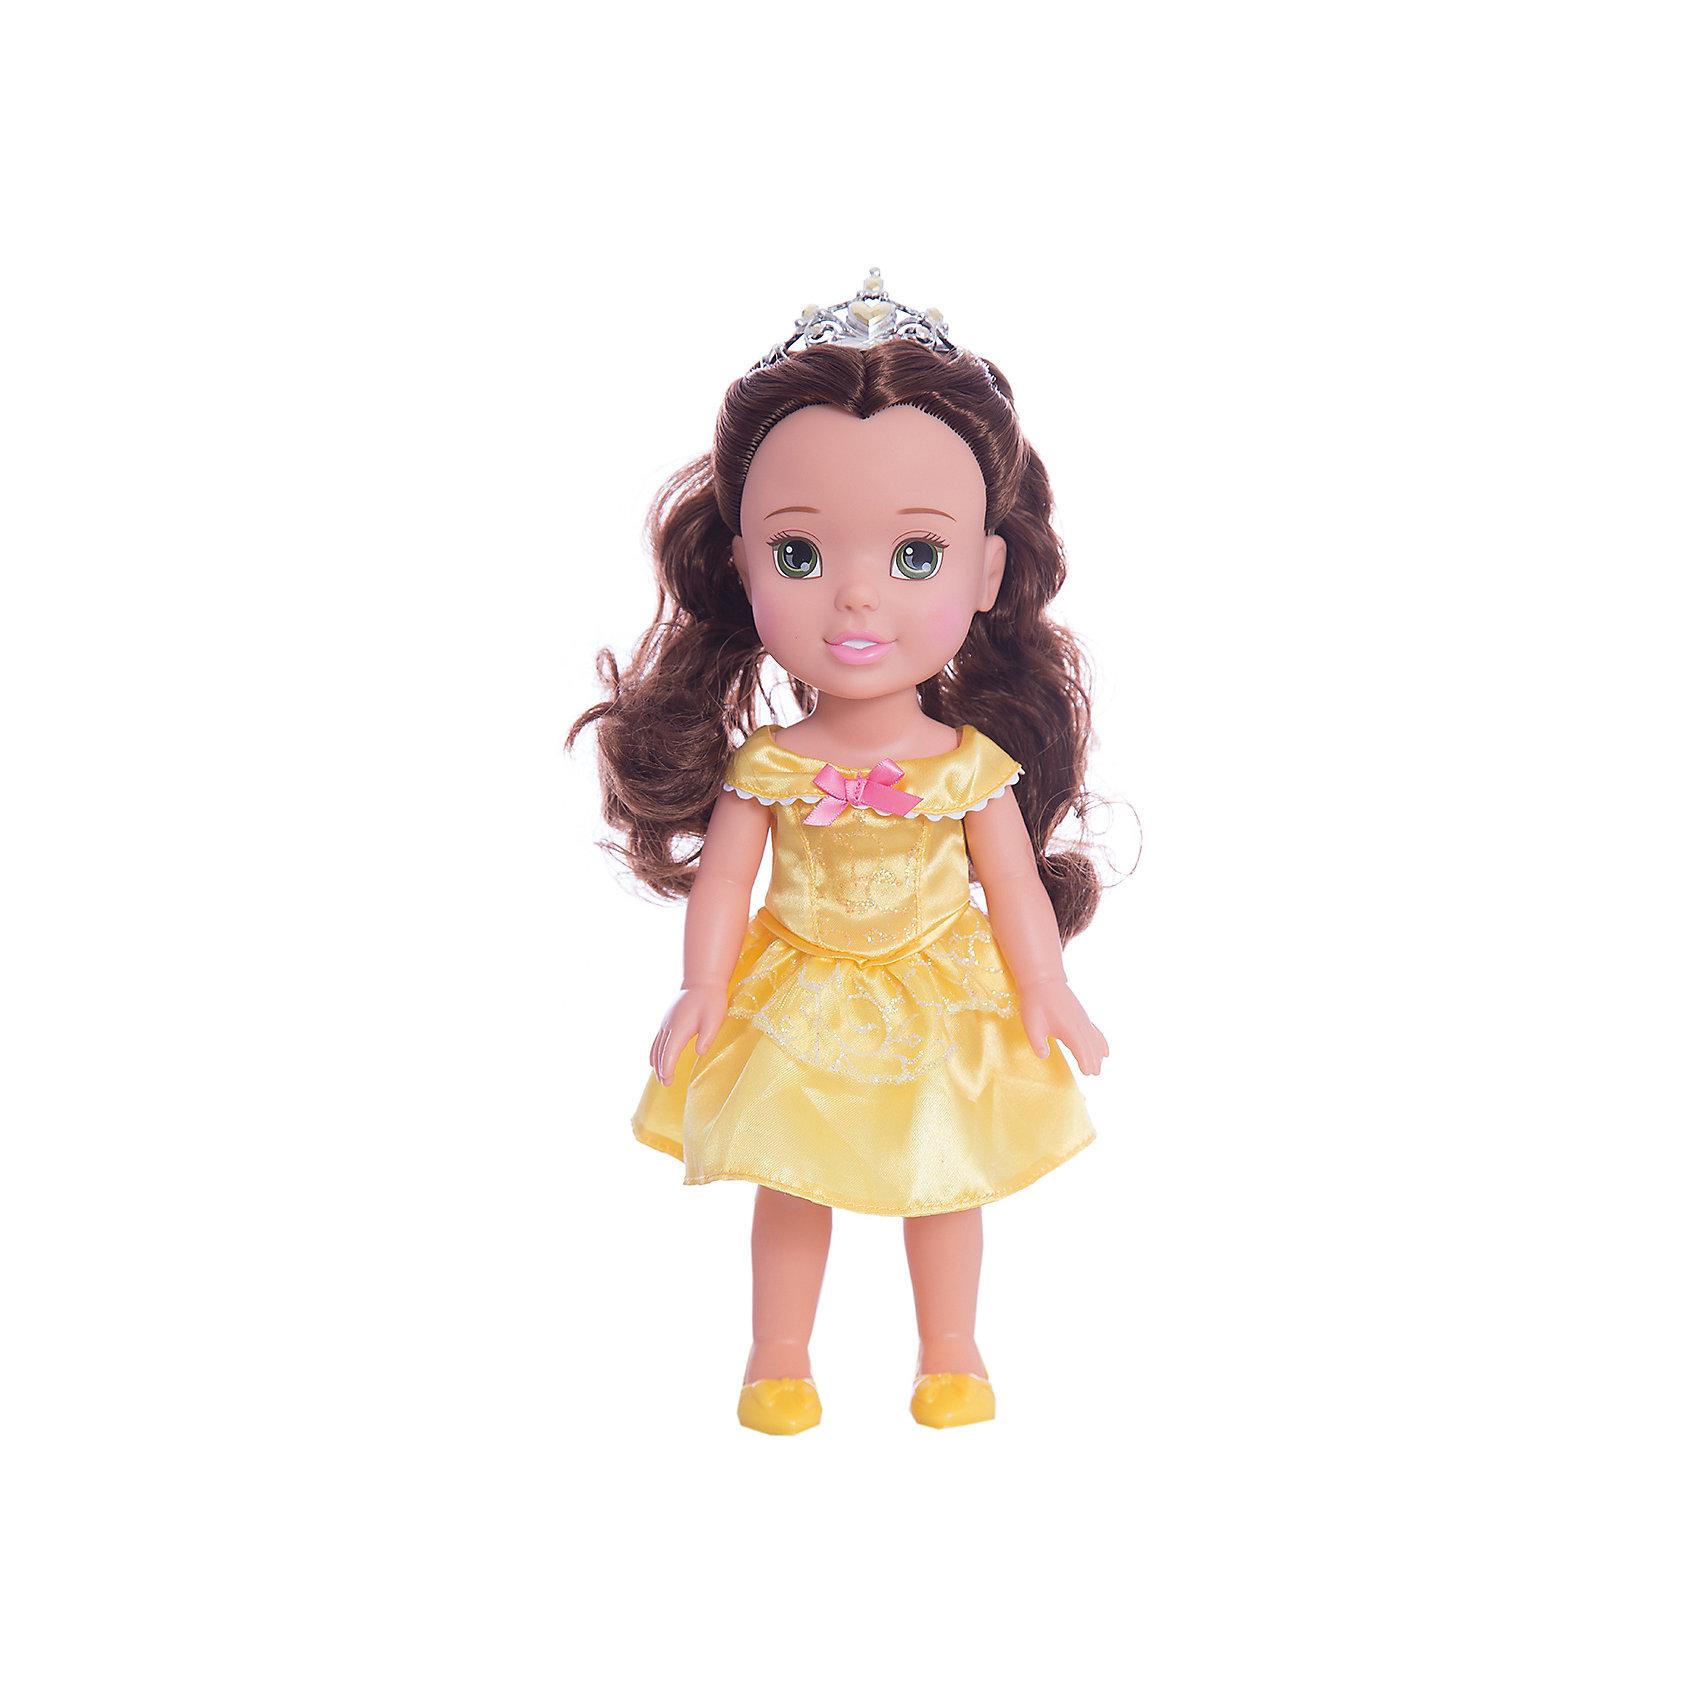 Кукла-малышка Принцессы Диснея Белль, 31 см.Популярные игрушки<br>Кукла Белль, 31 см<br><br>Характеристики:<br><br>- В комплекте: кукла, тиара<br>- Высота куклы: 31 см.<br>- Материал: пластик, текстиль<br>- Особенности: настоящие мягкие волосы<br>- Упаковка: картонная коробка с дисплеем<br><br>Кукла-малышка Белль создана по мотивам популярного мультсериала Дисней «Красавица и Чудовище» и наверняка понравится каждой его поклоннице! Маленькая принцесса Дисней одета в нарядное атласное платье желтого цвета, украшенное розовым бантиком, которое сочетается с удобными туфельками и маленькой изящной тиарой. У куклы шикарные шелковистые темные волосы, из которых можно создавать самые разные прически. Кукла выполнена из высококачественных материалов, выглядит очень мило.<br><br>Куклу Белль, 31 см, Холодное сердце купить в нашем интернет-магазине.<br><br>Ширина мм: 170<br>Глубина мм: 350<br>Высота мм: 120<br>Вес г: 605<br>Возраст от месяцев: 36<br>Возраст до месяцев: 2147483647<br>Пол: Женский<br>Возраст: Детский<br>SKU: 5156892